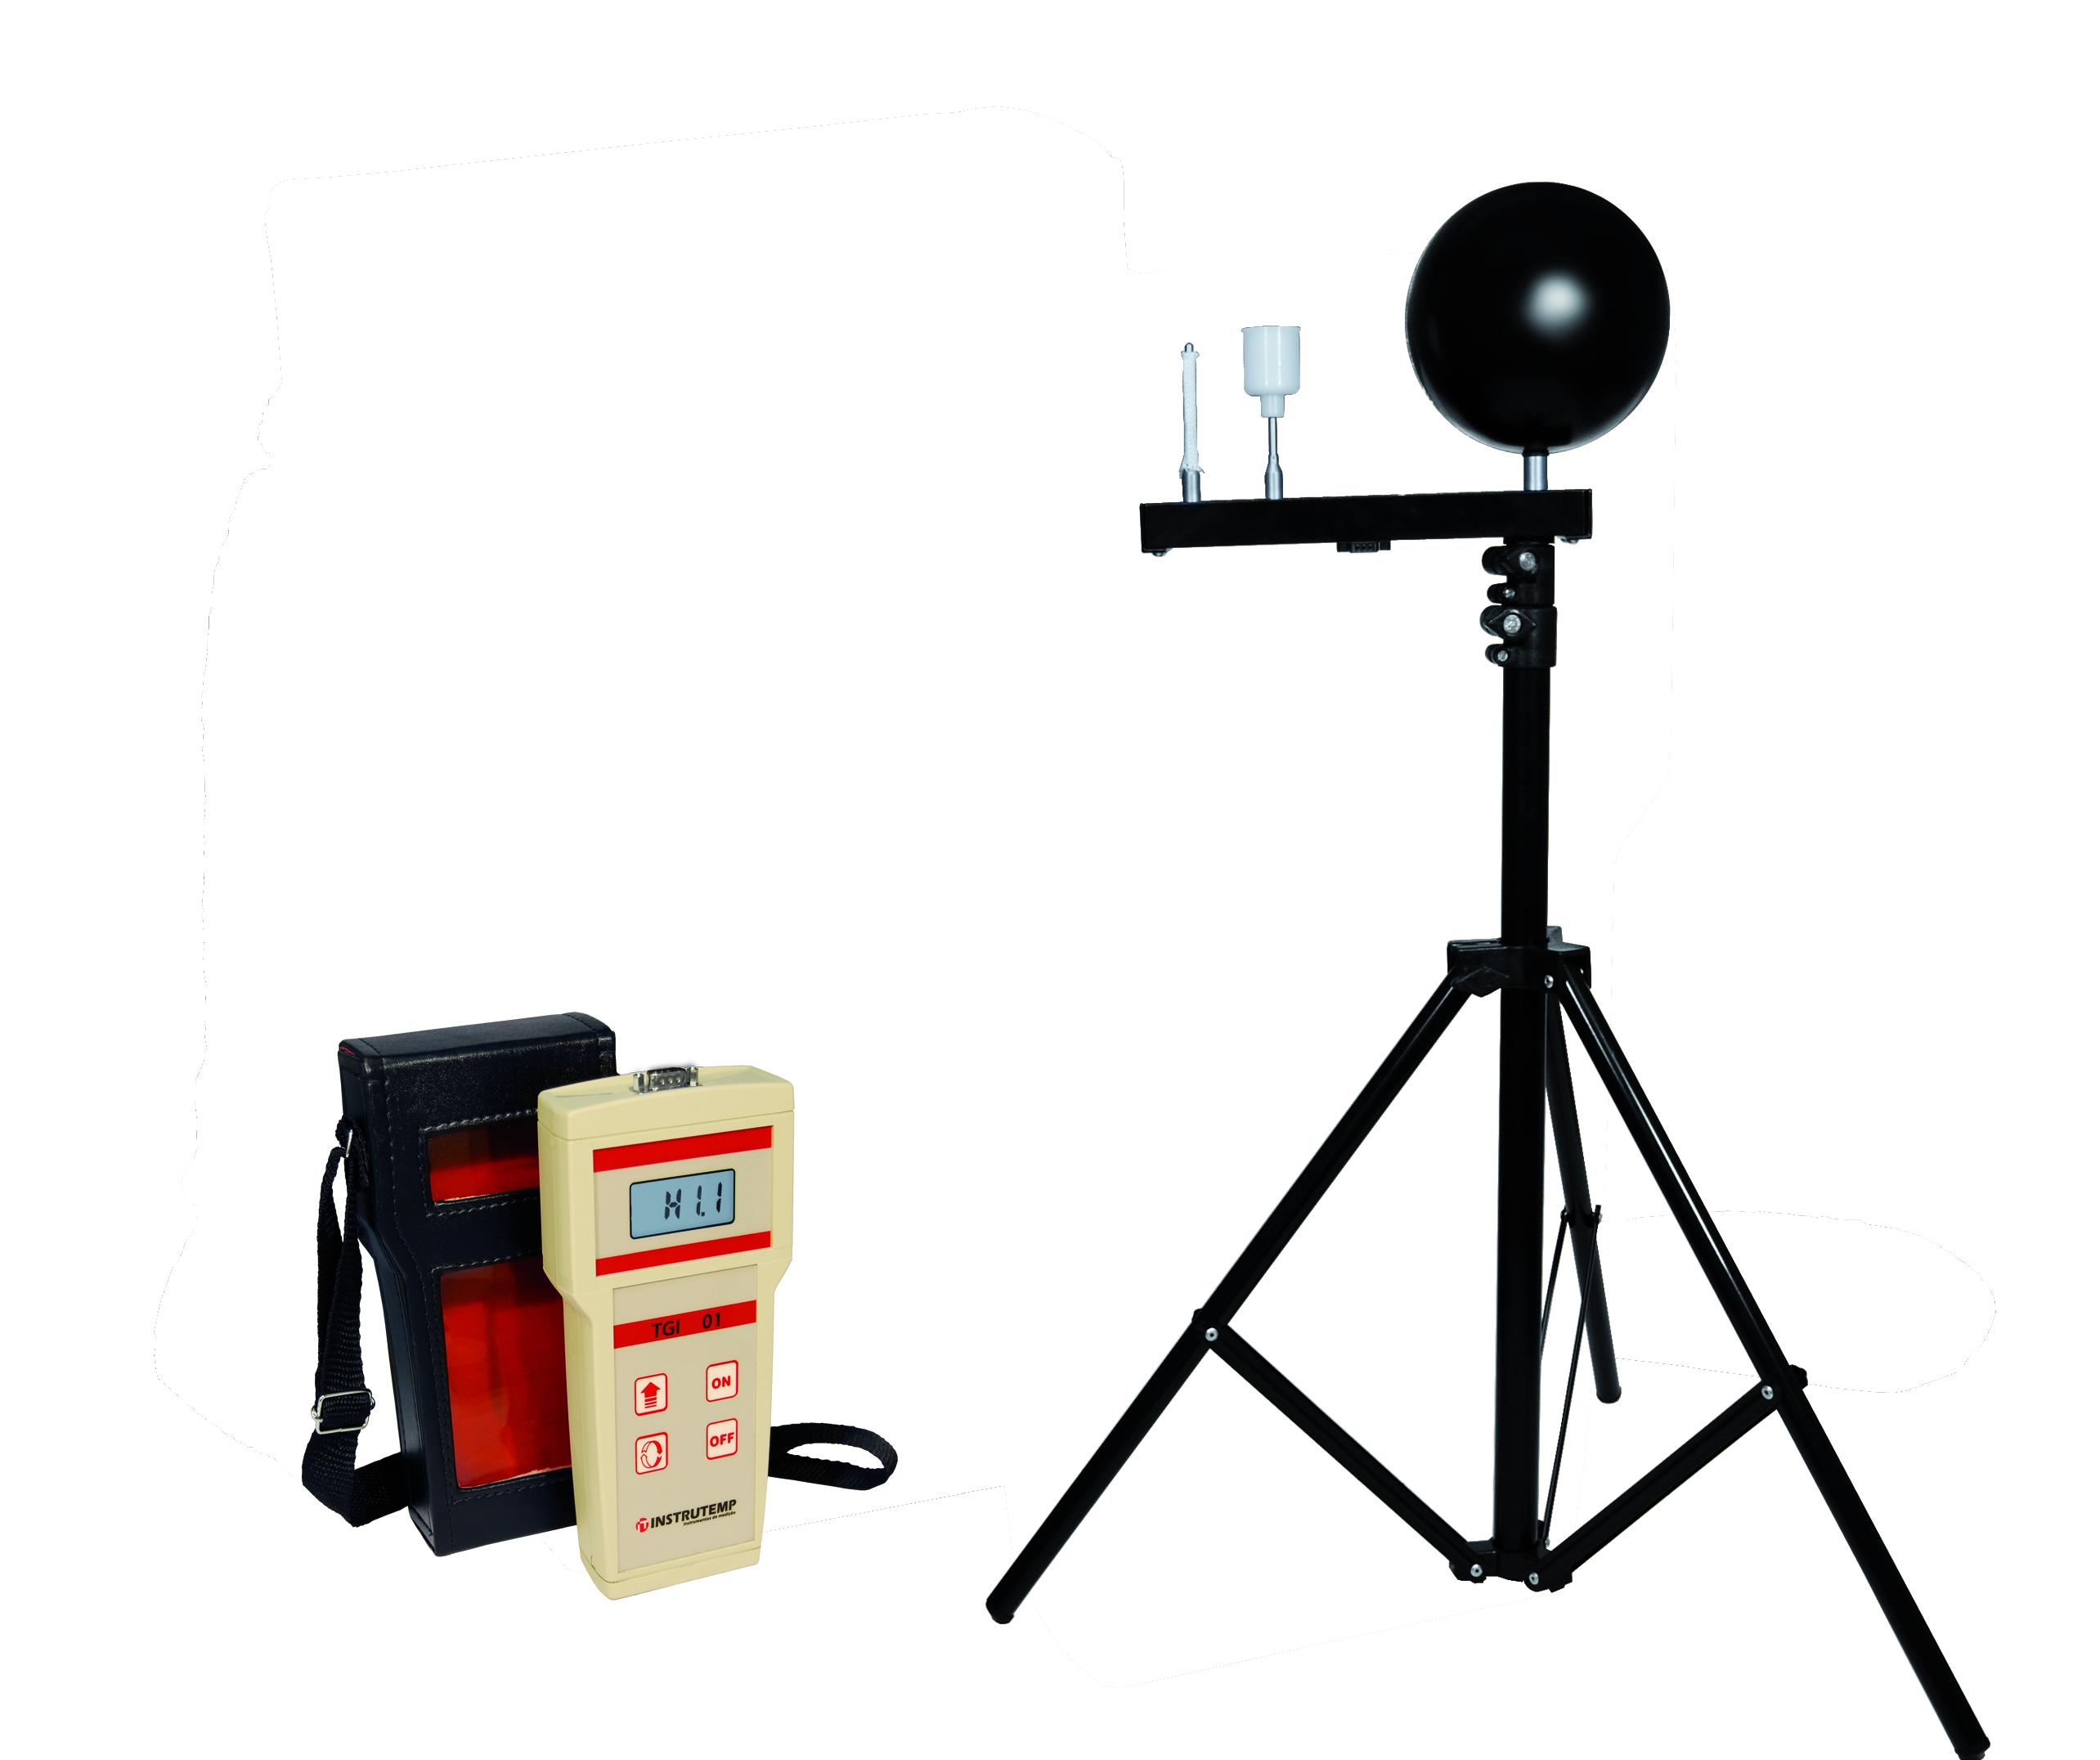 Termometro De Globo Bulbo Seco E Umido Digital Itg01 Prot Cap Termômetro, tubo capilar de vidro graduado, bulbo cheio de mercúrio, capilaridade, mercúrio o aparelho termômetro é usado para determinar os valores de temperatura. de globo bulbo seco e umido digital